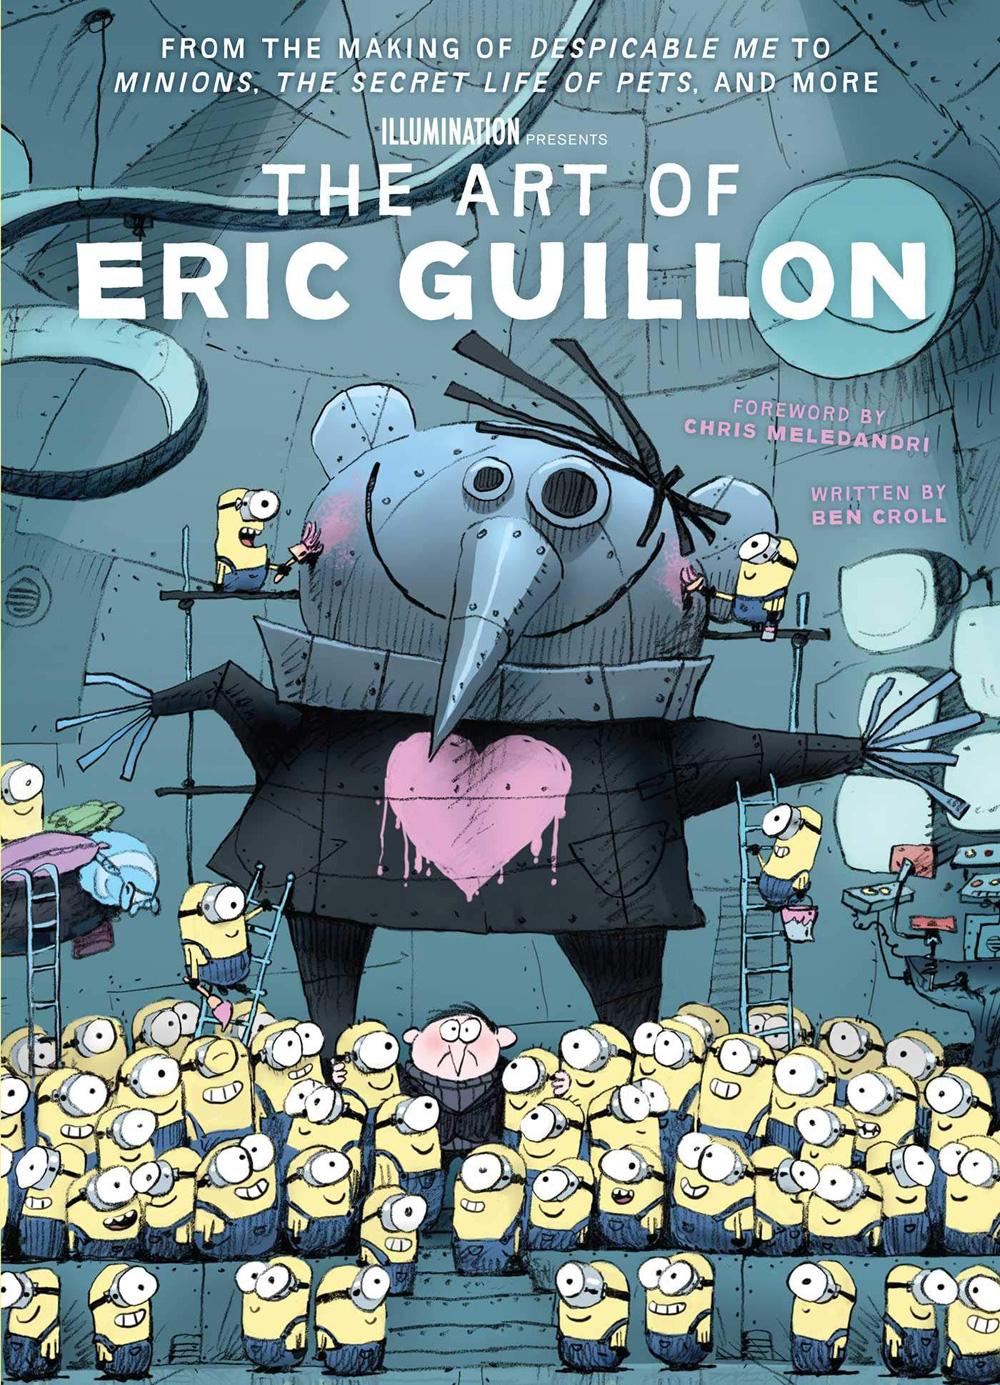 L'arte di Eric Guillon: dalla creazione di Cattivissimo me ai servitori, la vita segreta degli animali domestici e altro ancora